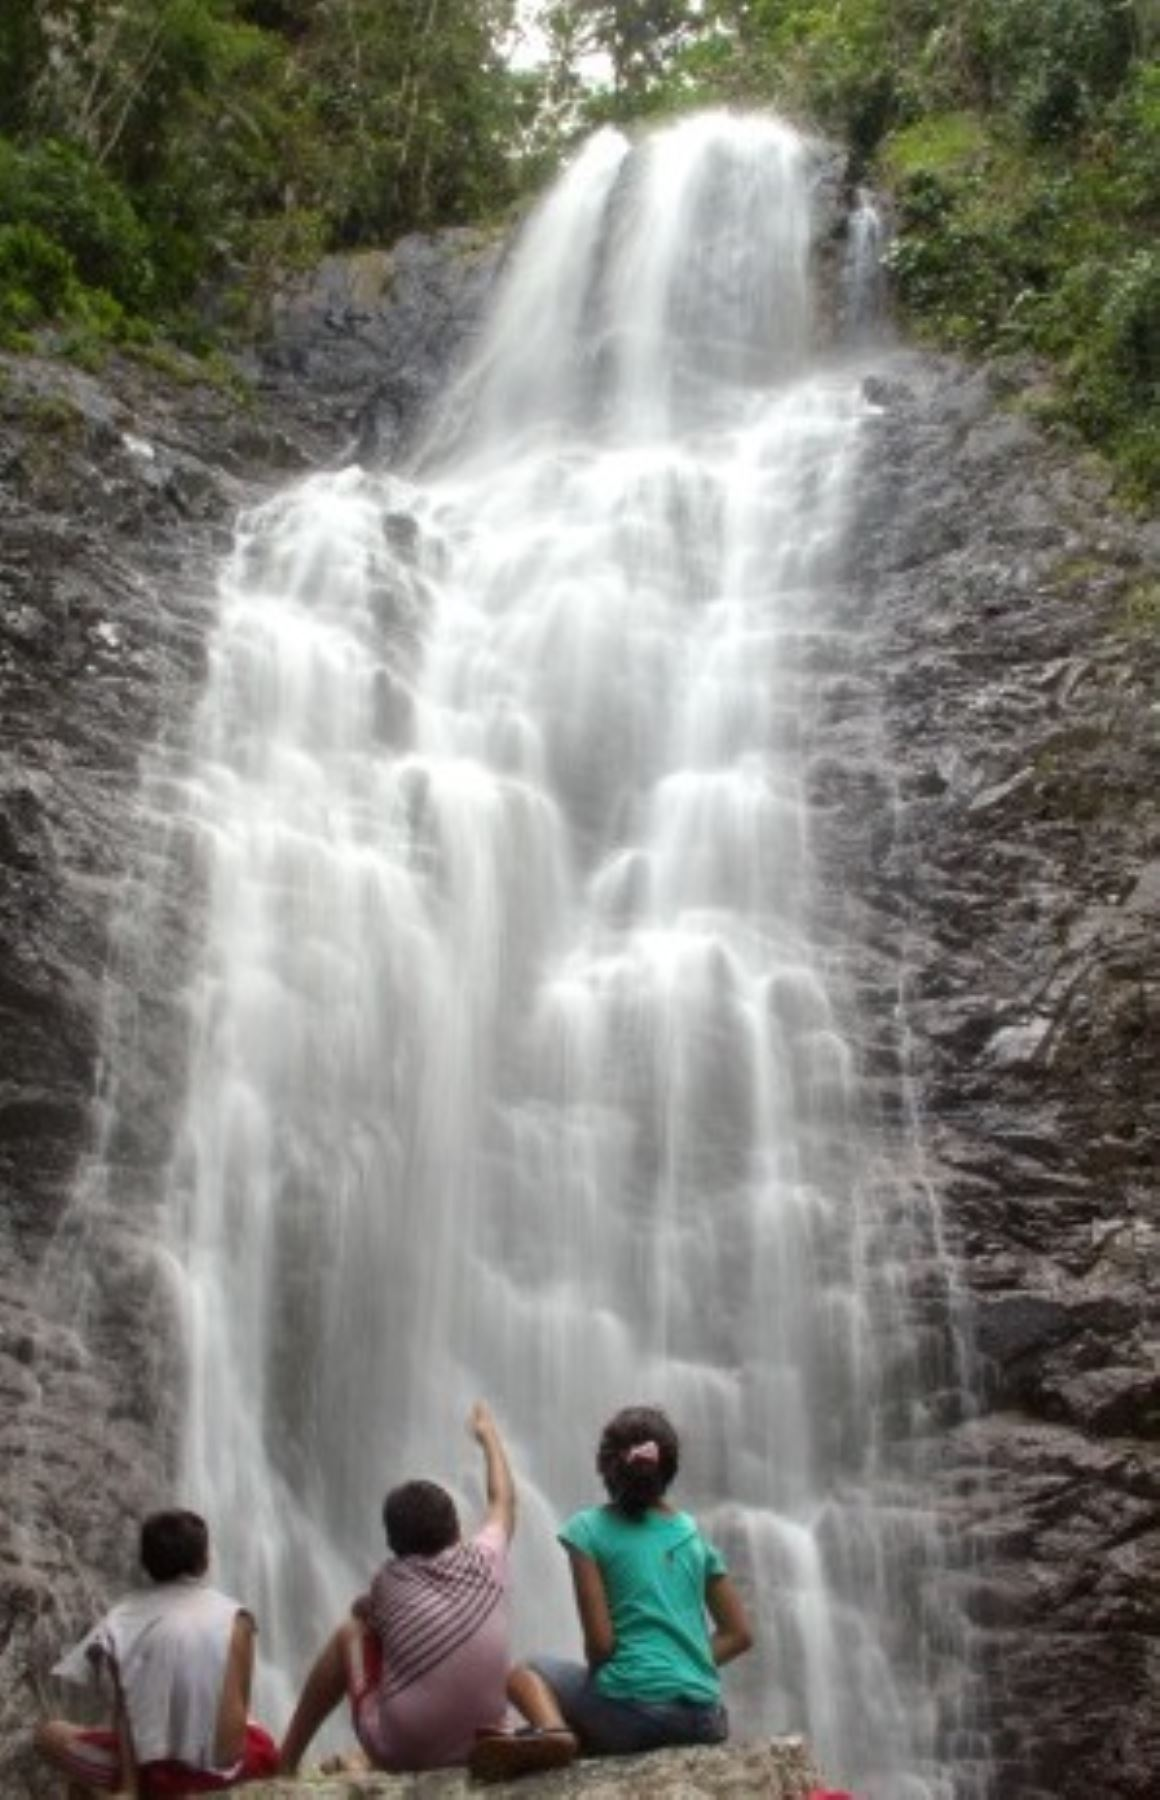 Cascada de Ishanga, en la provincia de Tocache, región San Martín. Foto: Dirección Regional de Turismo de San Martín.